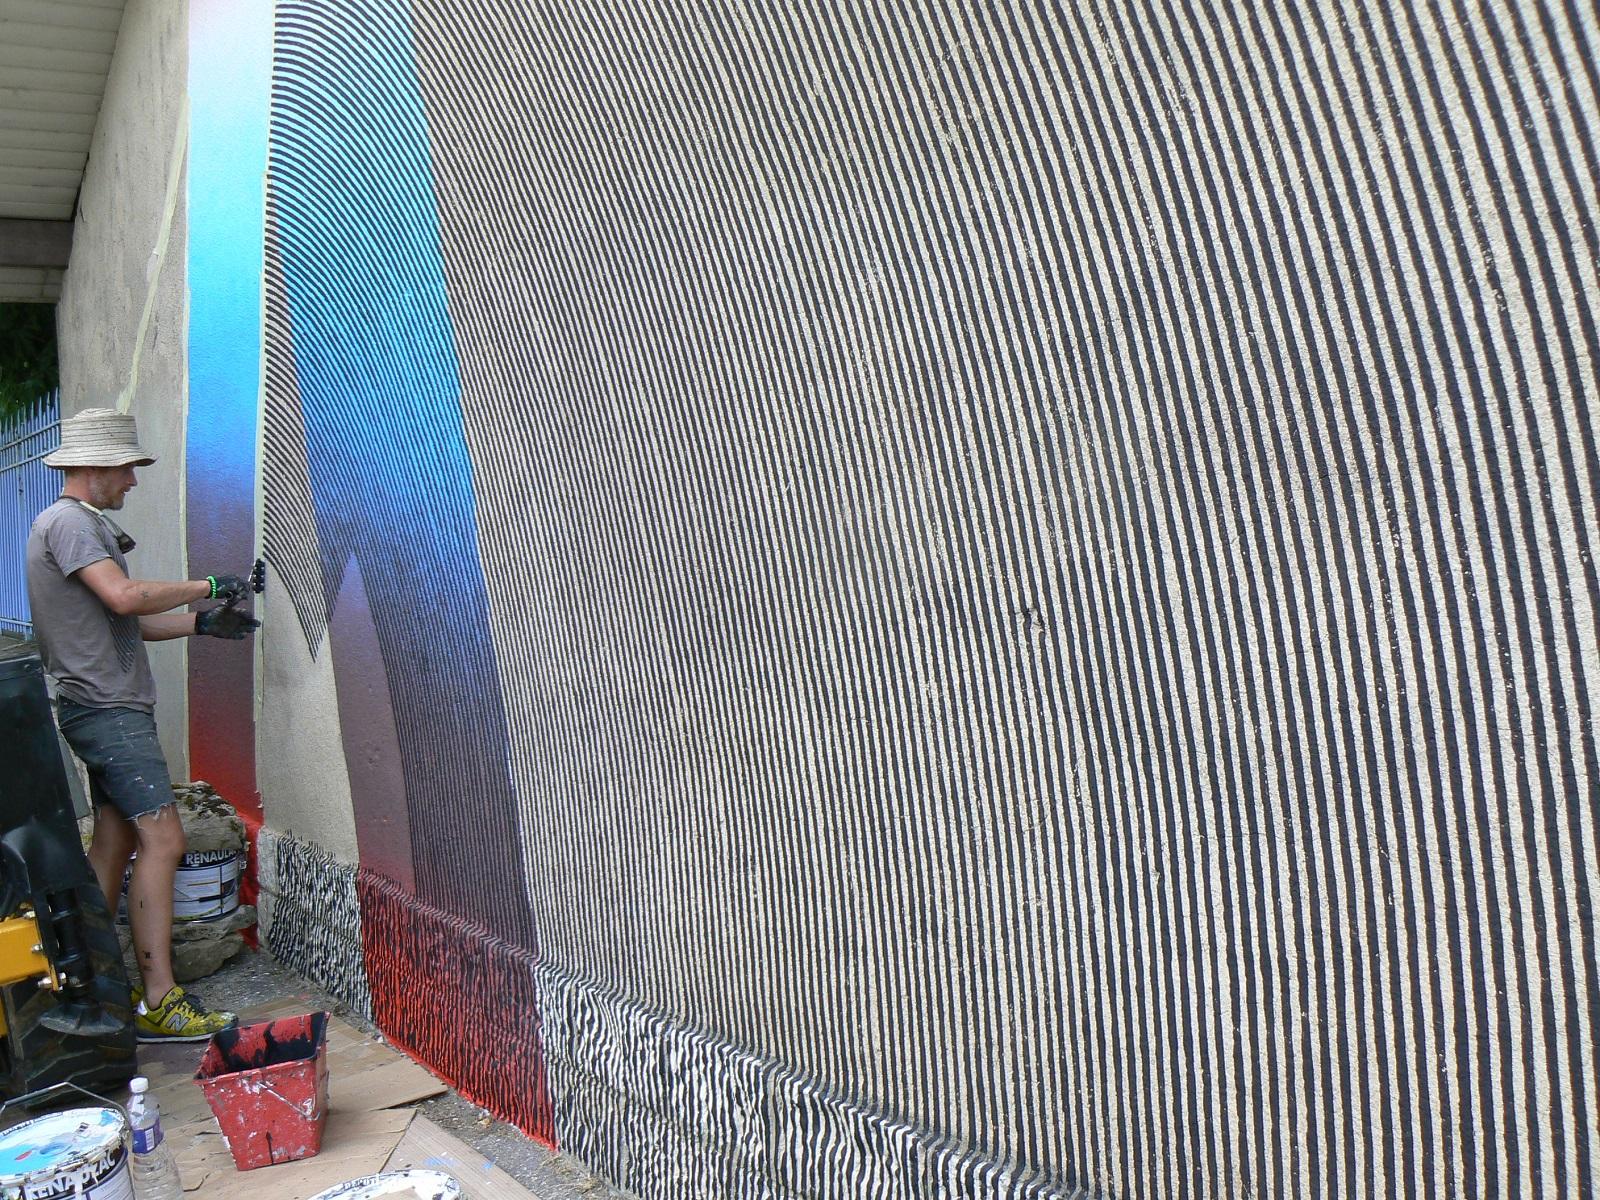 momo-new-murals-for-bien-urbain-festival-2014-03